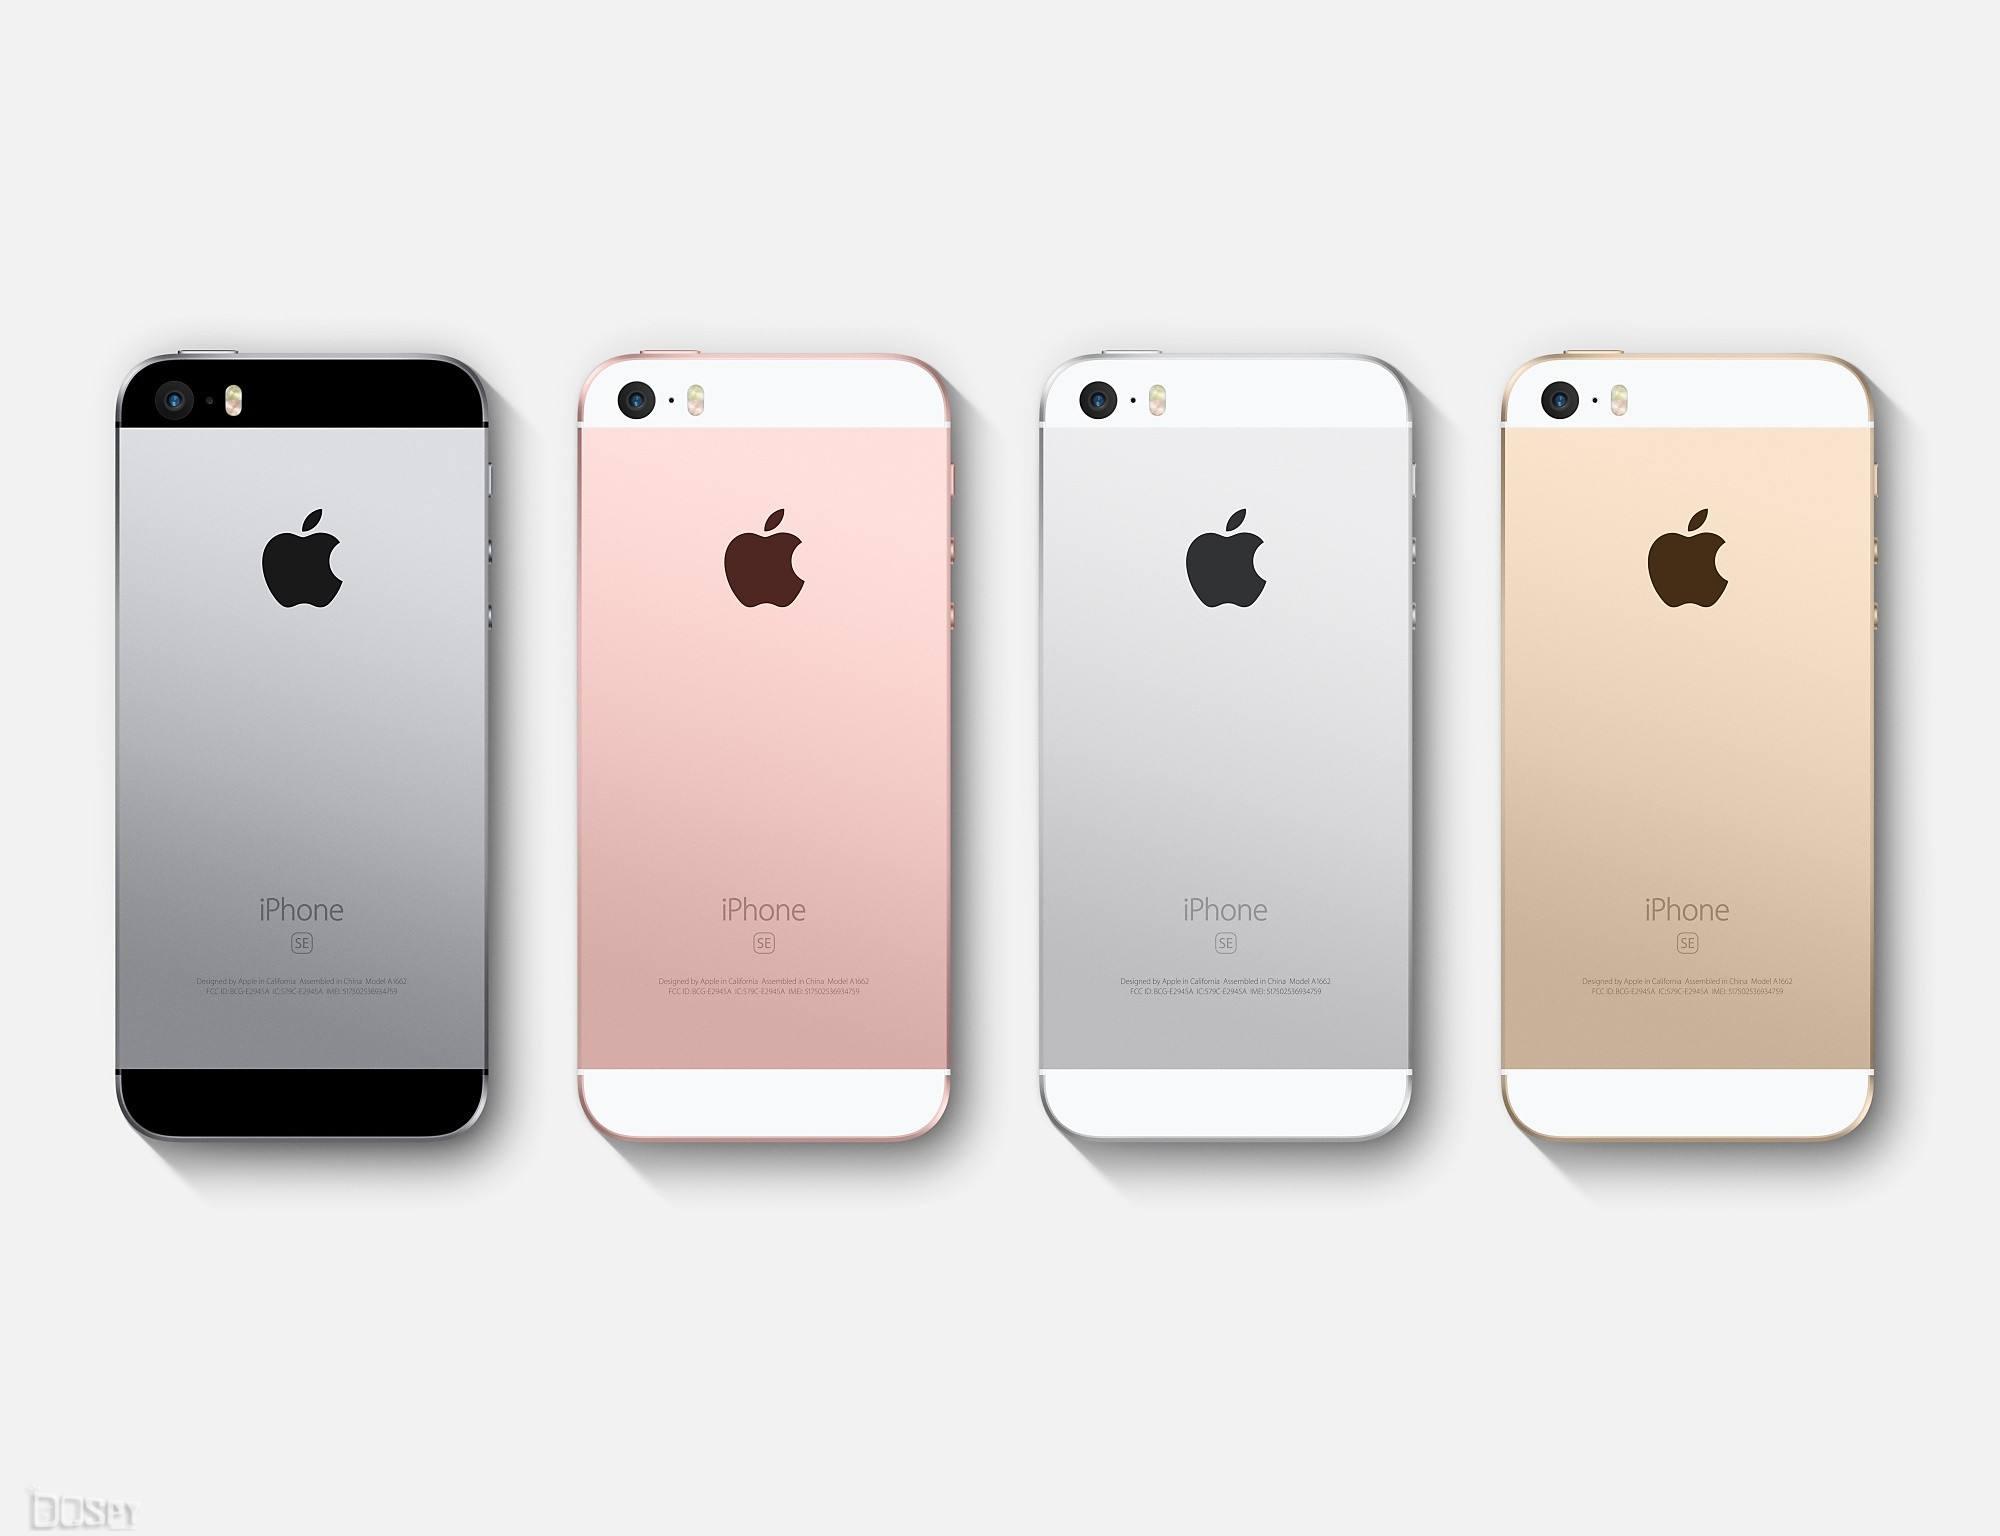 侃哥:iPhoneSE2有人期待吗中兴新机摄像头设计很眼熟